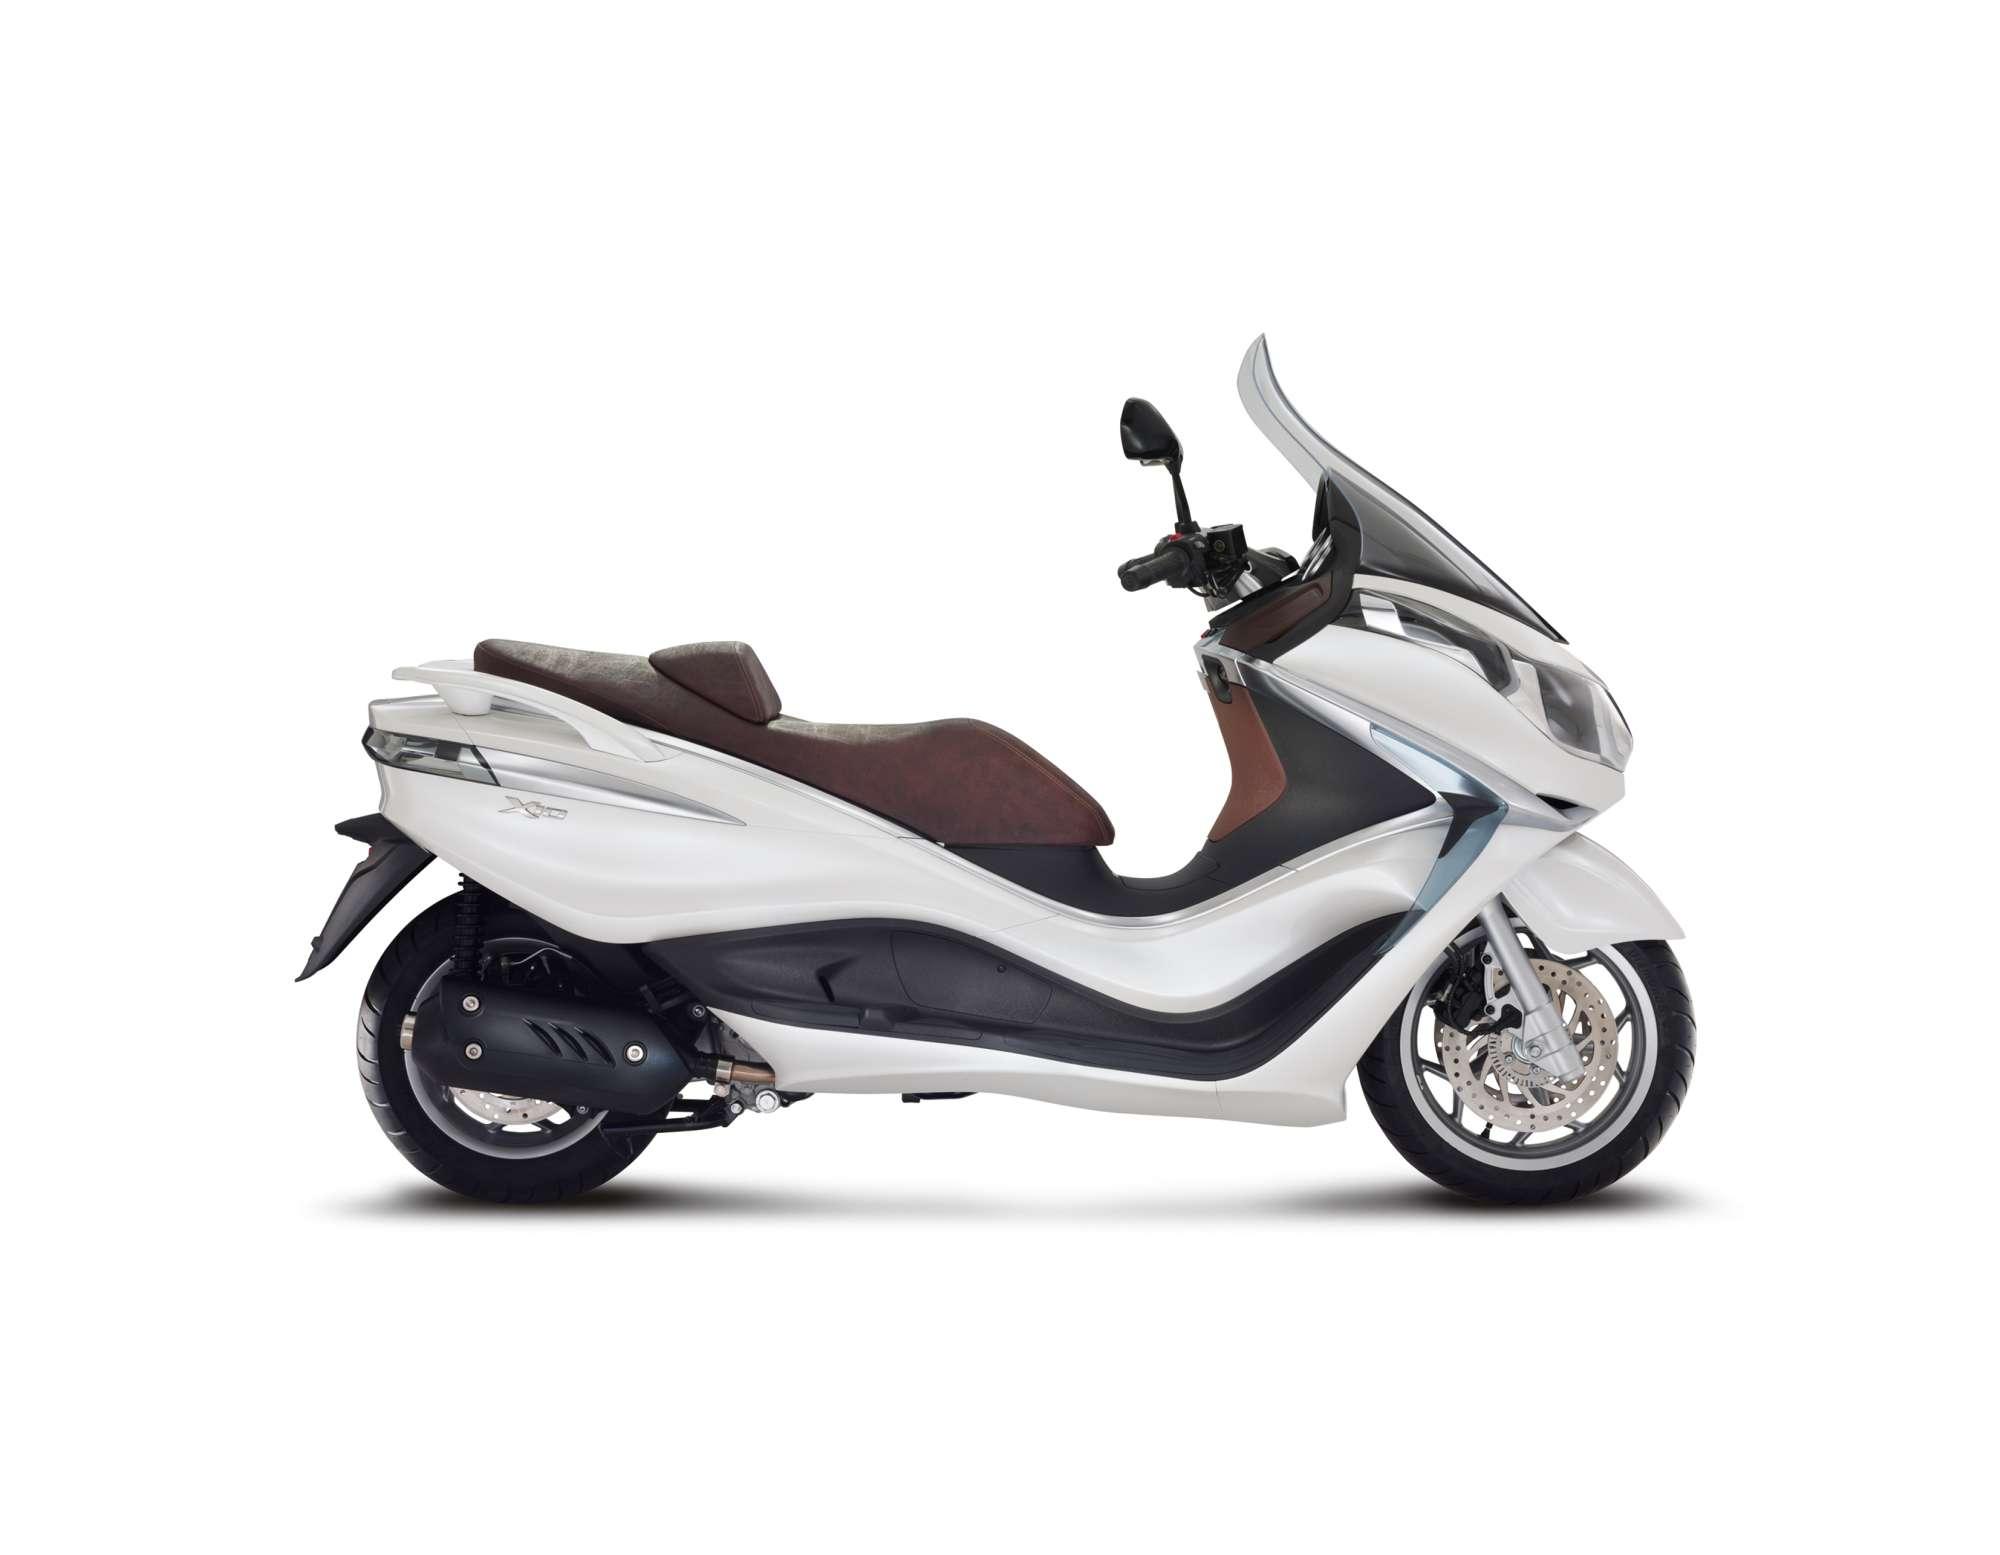 piaggio x10 500 i.e. abs - all technical data of the model x10 500